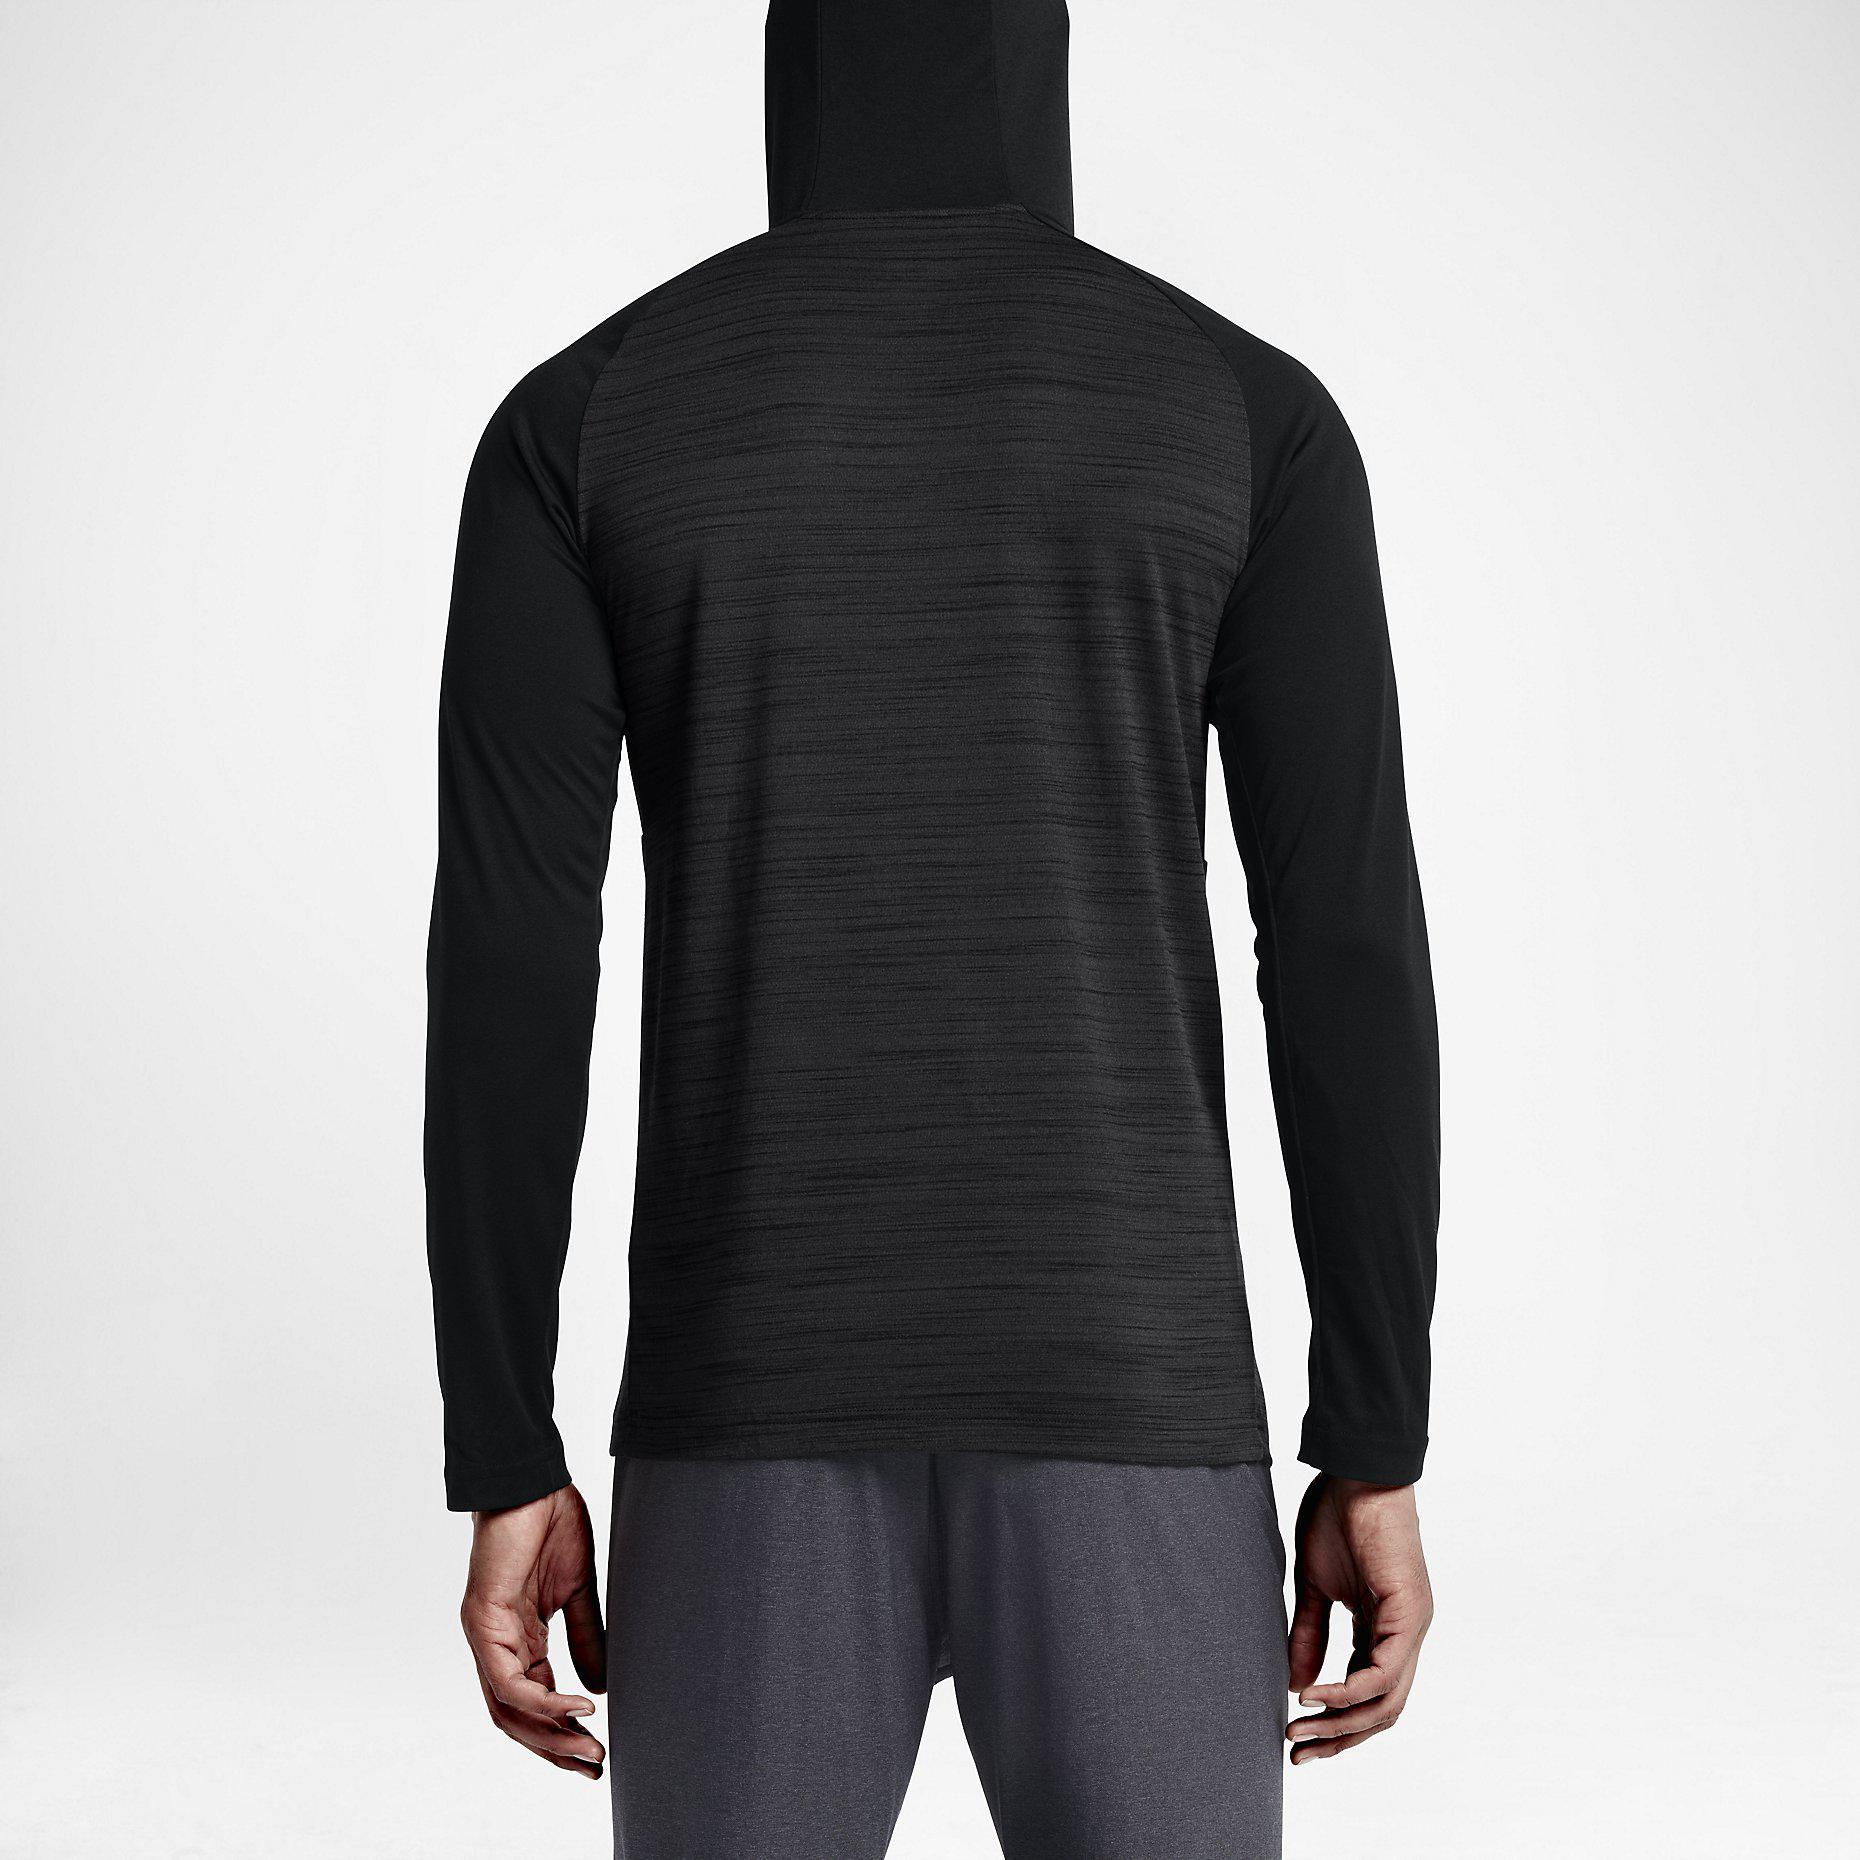 935862f8 Nike Mens DF Touch Training Hoodie - Black - Tennisnuts.com